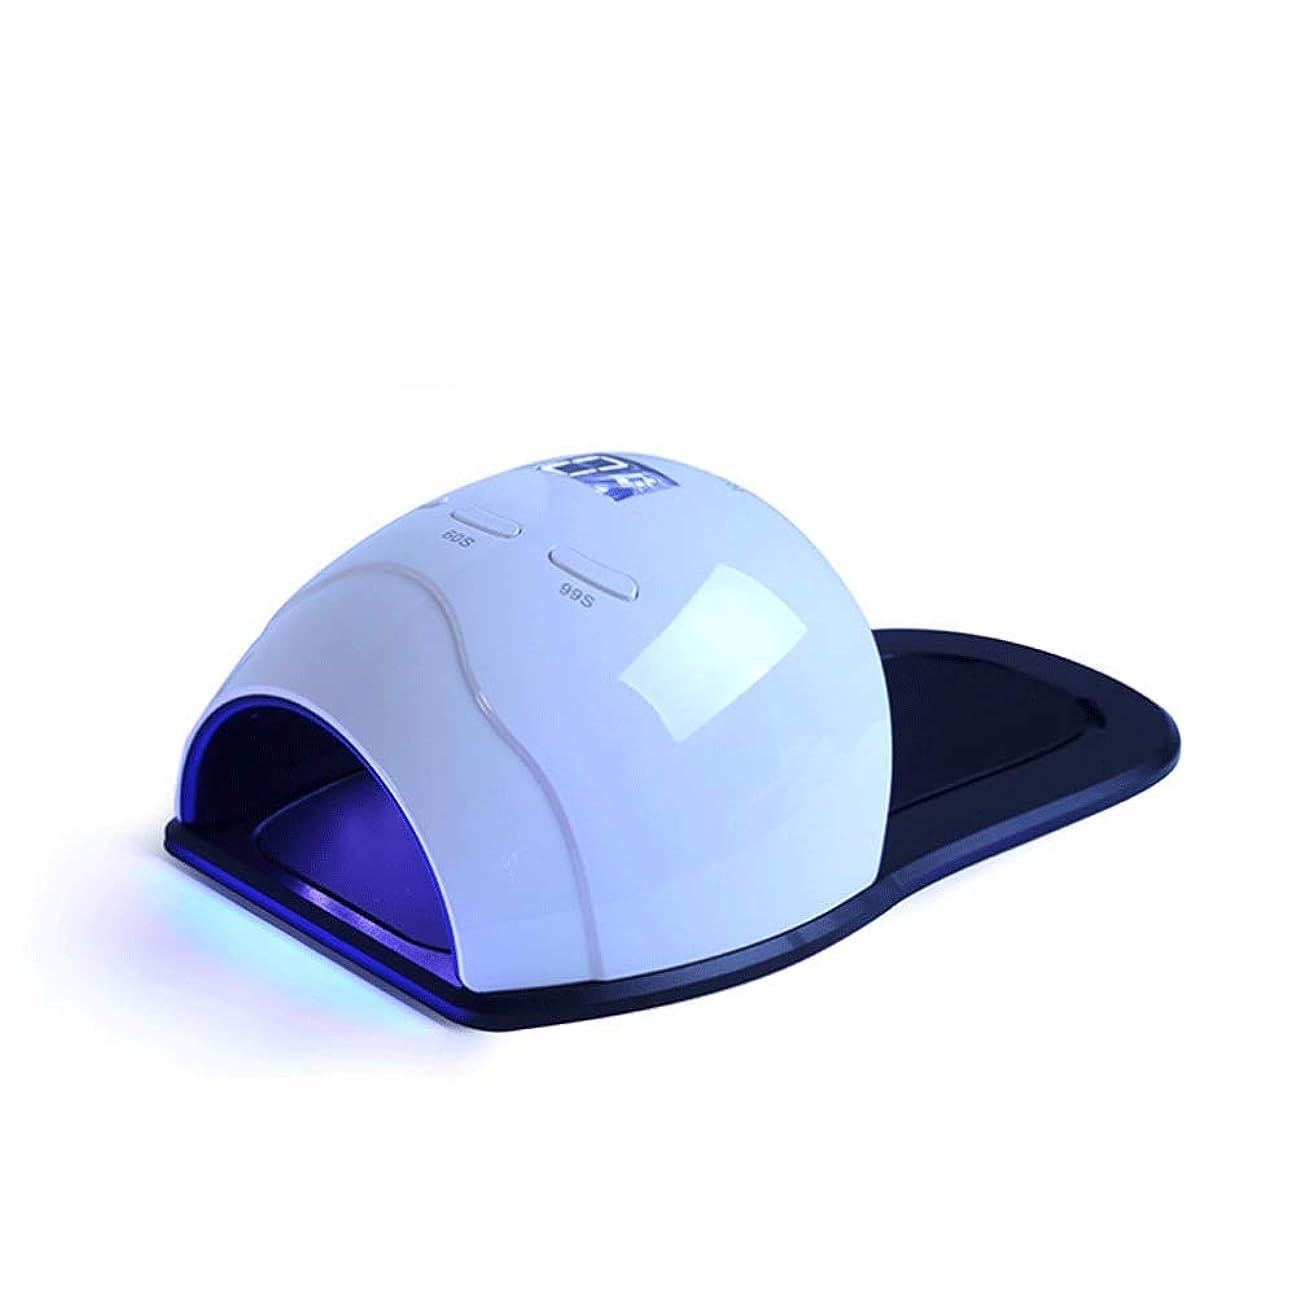 ネイル光線療法機 ネイルドライヤー - ネイルライトネイルポリッシュUVネイルデシカント、ゲルとポリッシング、センサーとLEDディスプレイ